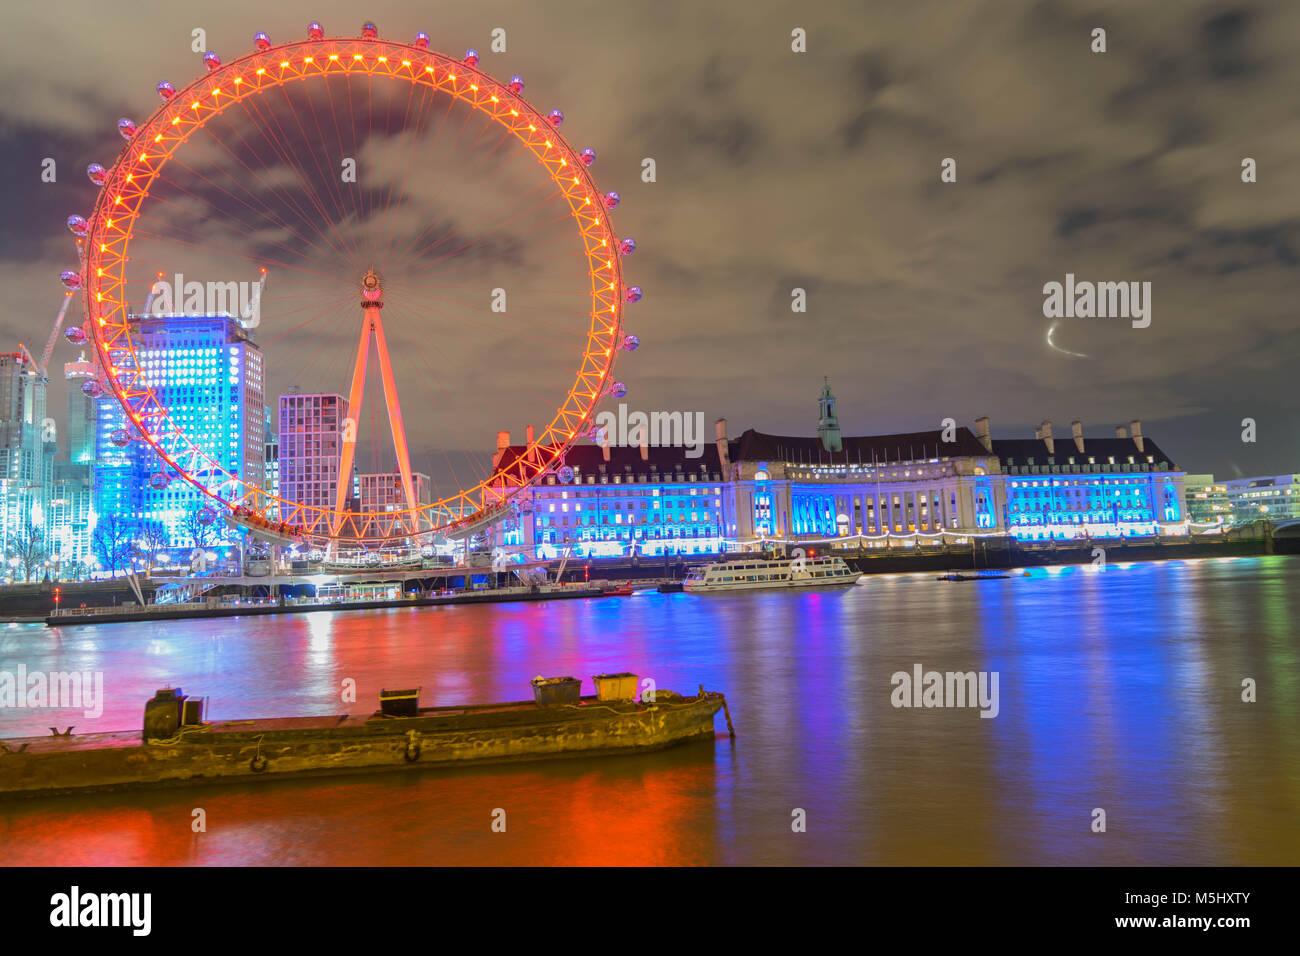 Londra, Regno Unito, 17 Febbraio 2018: Regno Unito skyline di sera. Illuminazione del London Eye e gli edifici accanto Immagini Stock